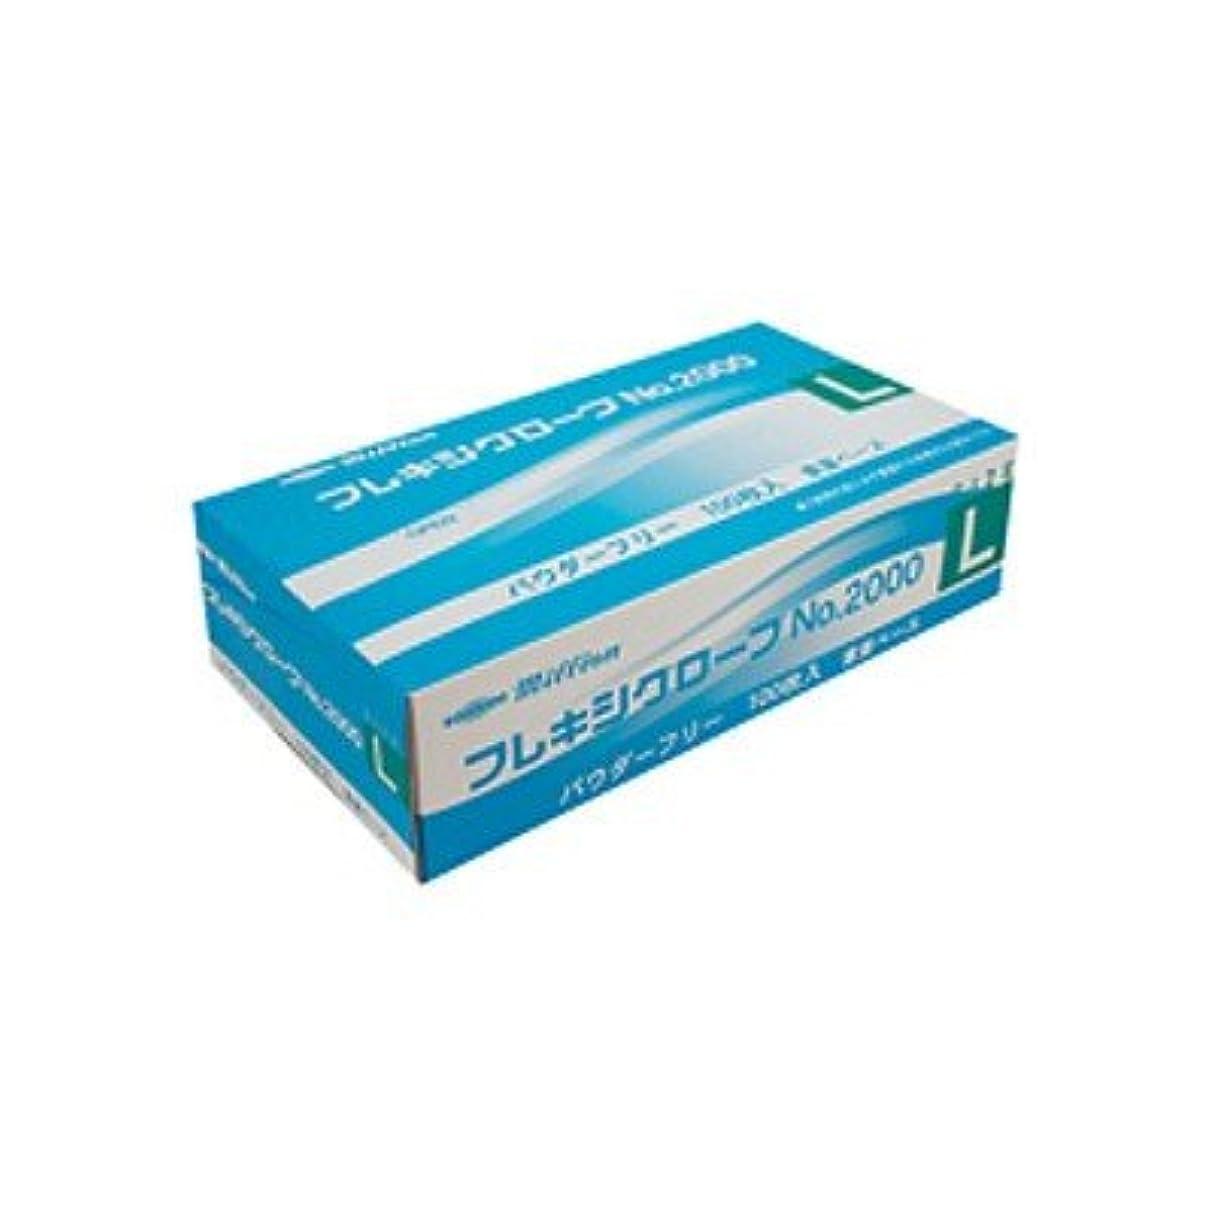 ディスコ船乗り対称ミリオン プラスチック手袋 粉無No.2000 L 品番:LH-2000-L 注文番号:62741620 メーカー:共和